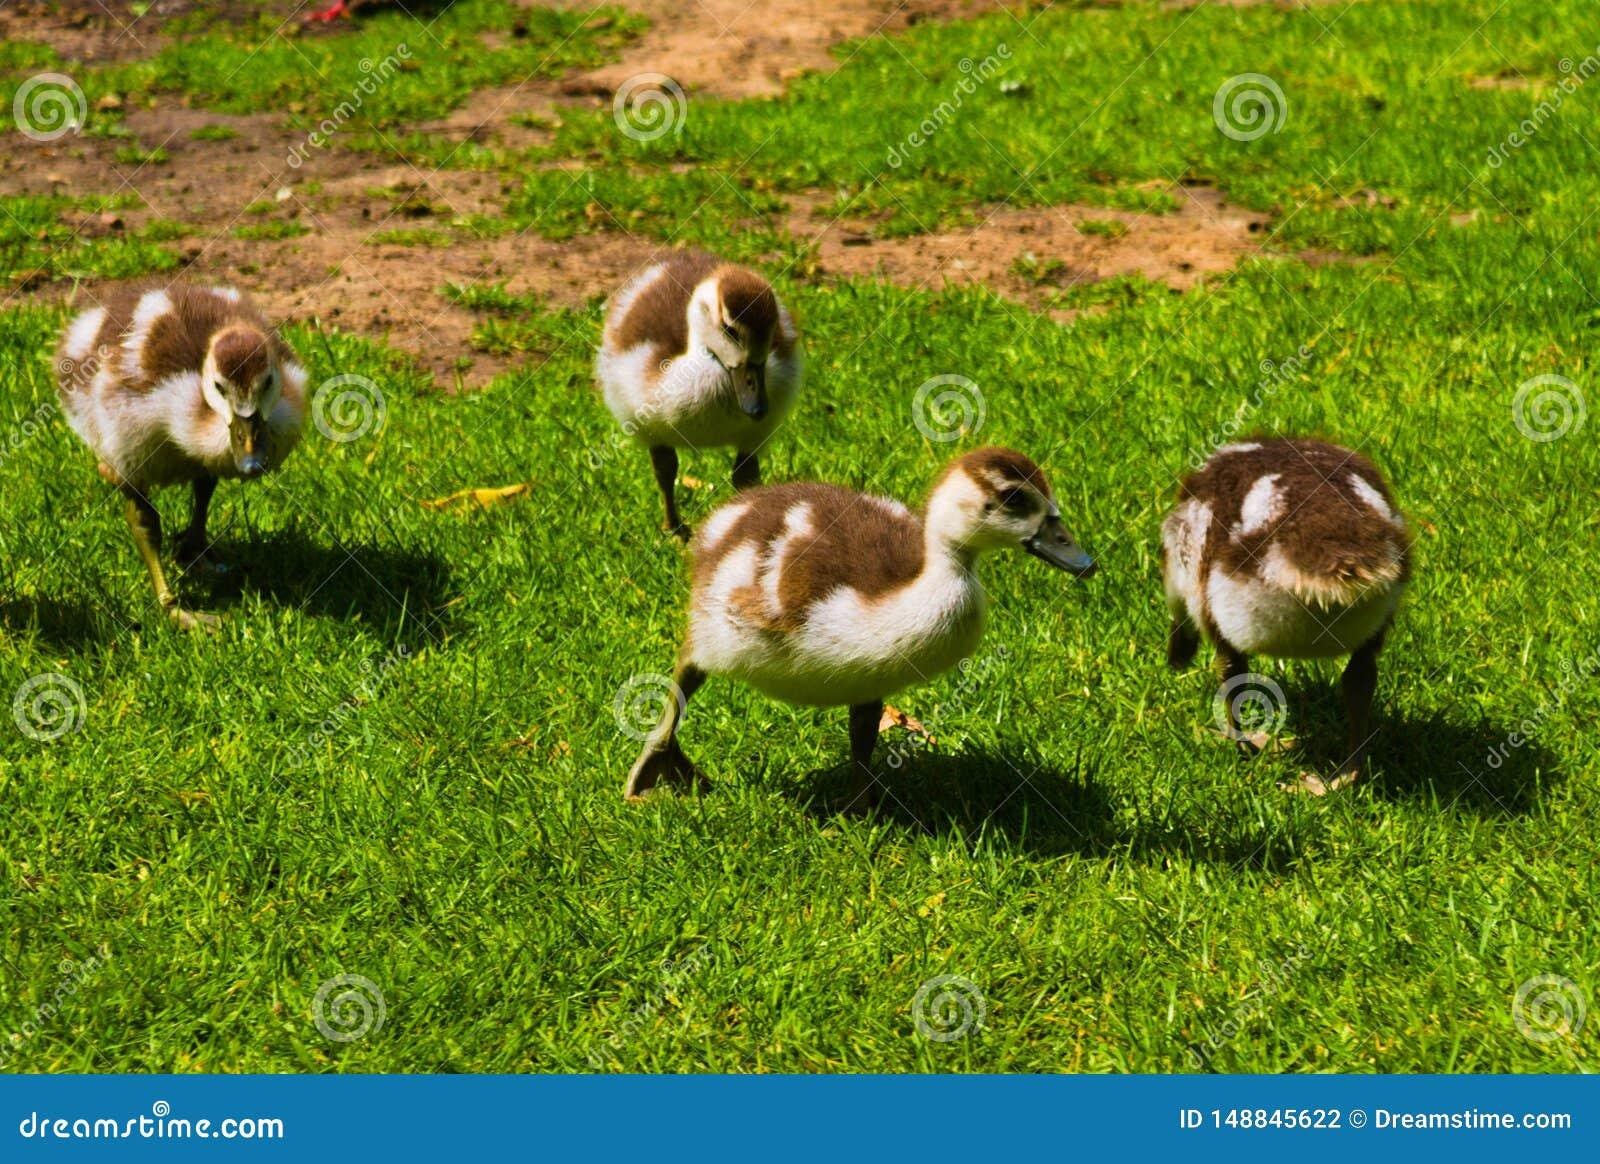 Nowonarodzona dziecko kaczka bawi? si? w parku